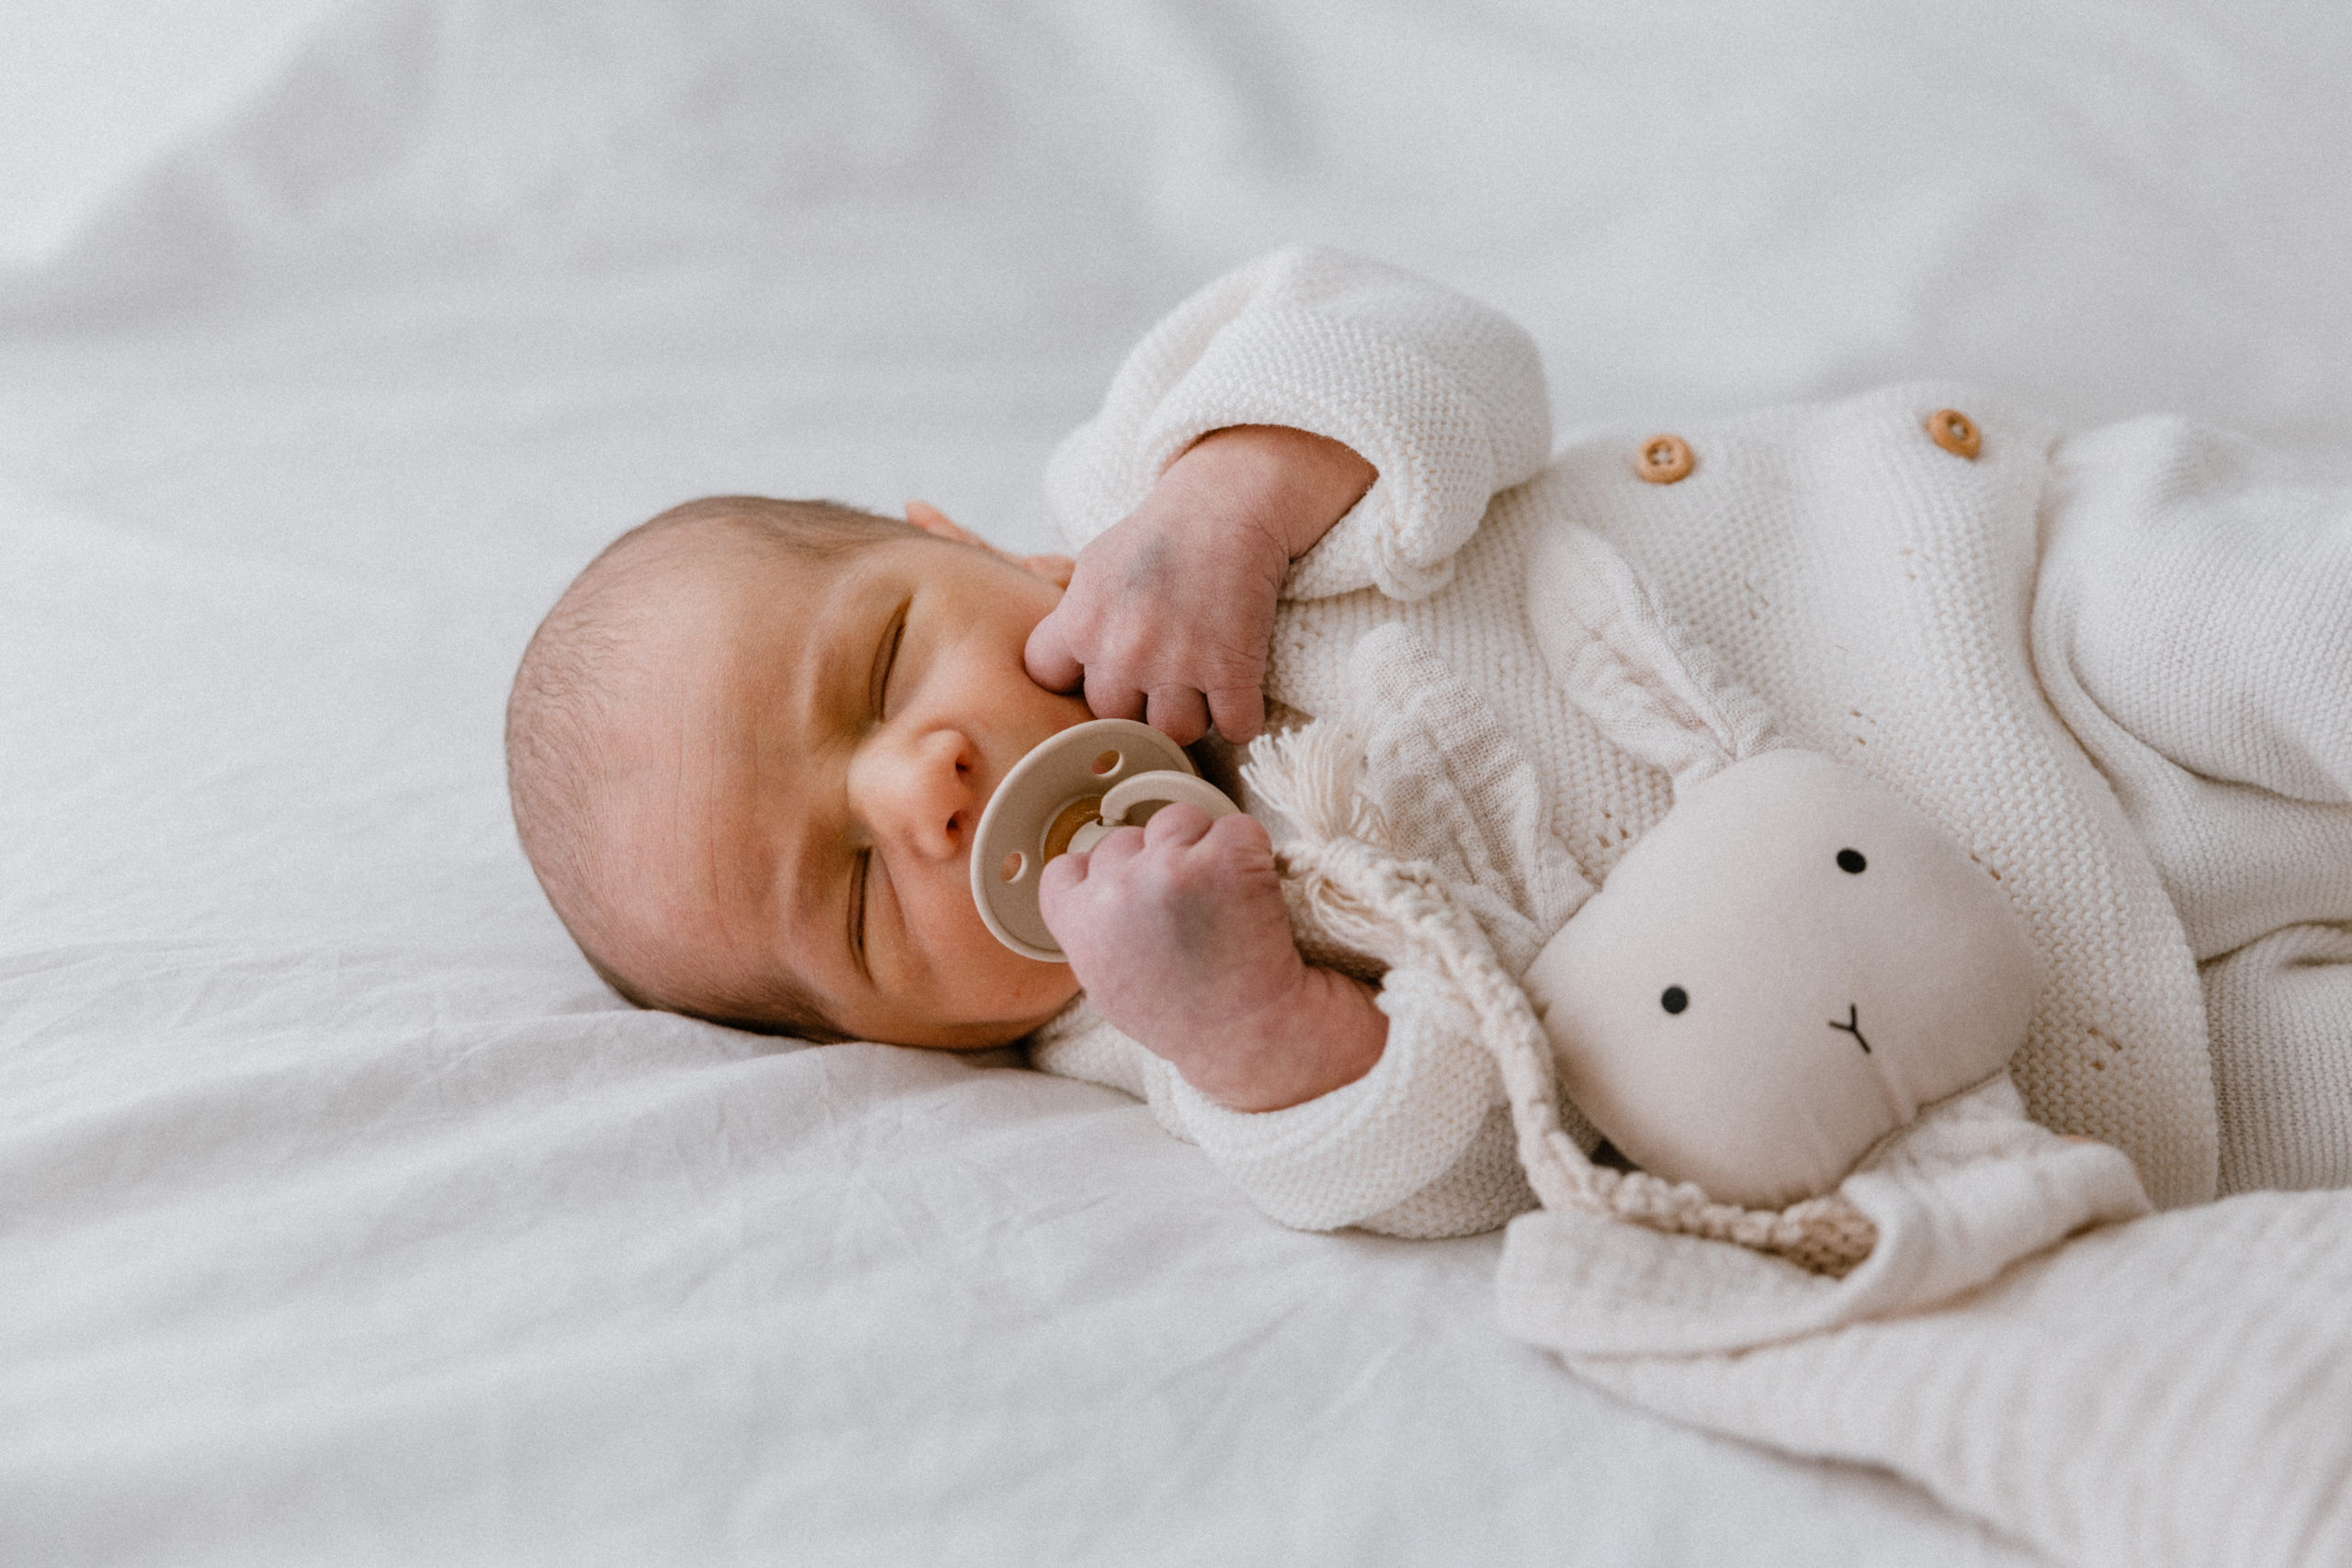 photographe-bordeaux-grossesse-nouveau-né-bébé-famille-emeline-mingot-39